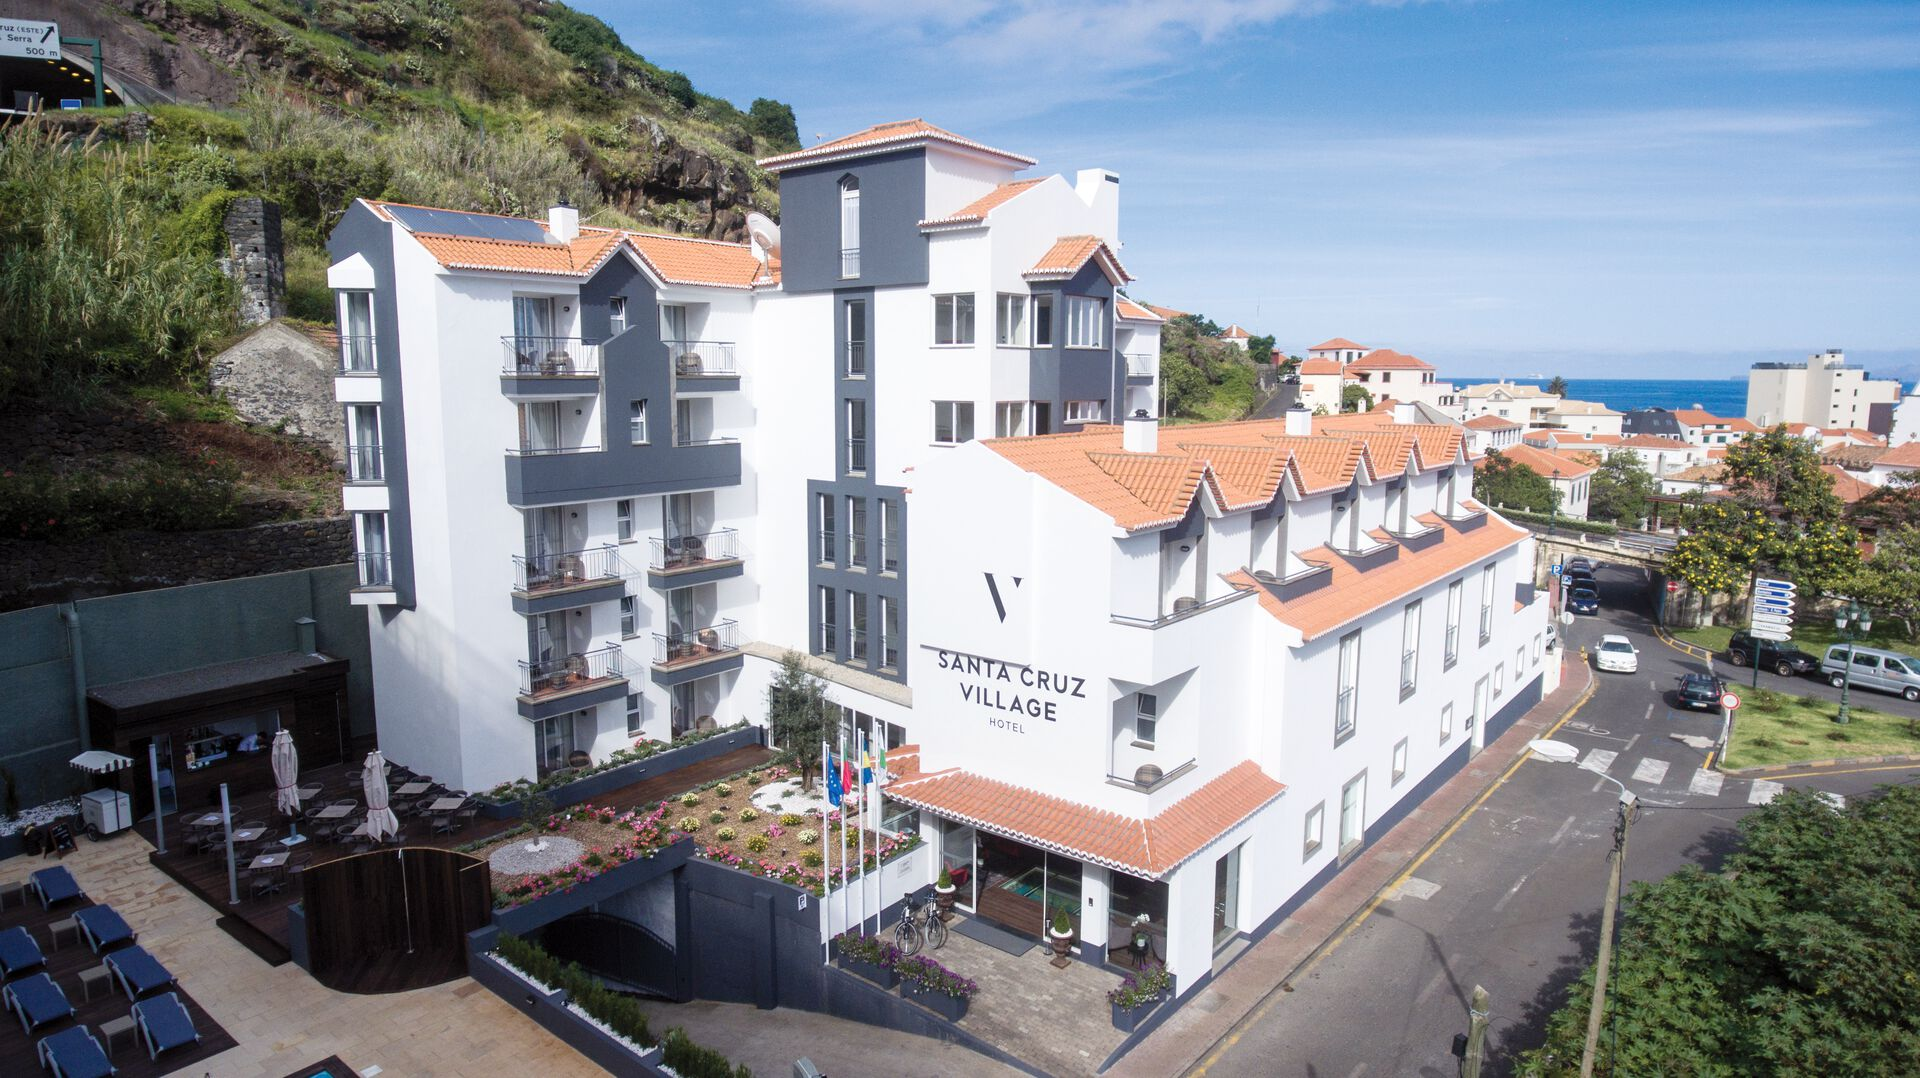 Madère - Ile de Madère - Hôtel Santa Cruz Village 4*